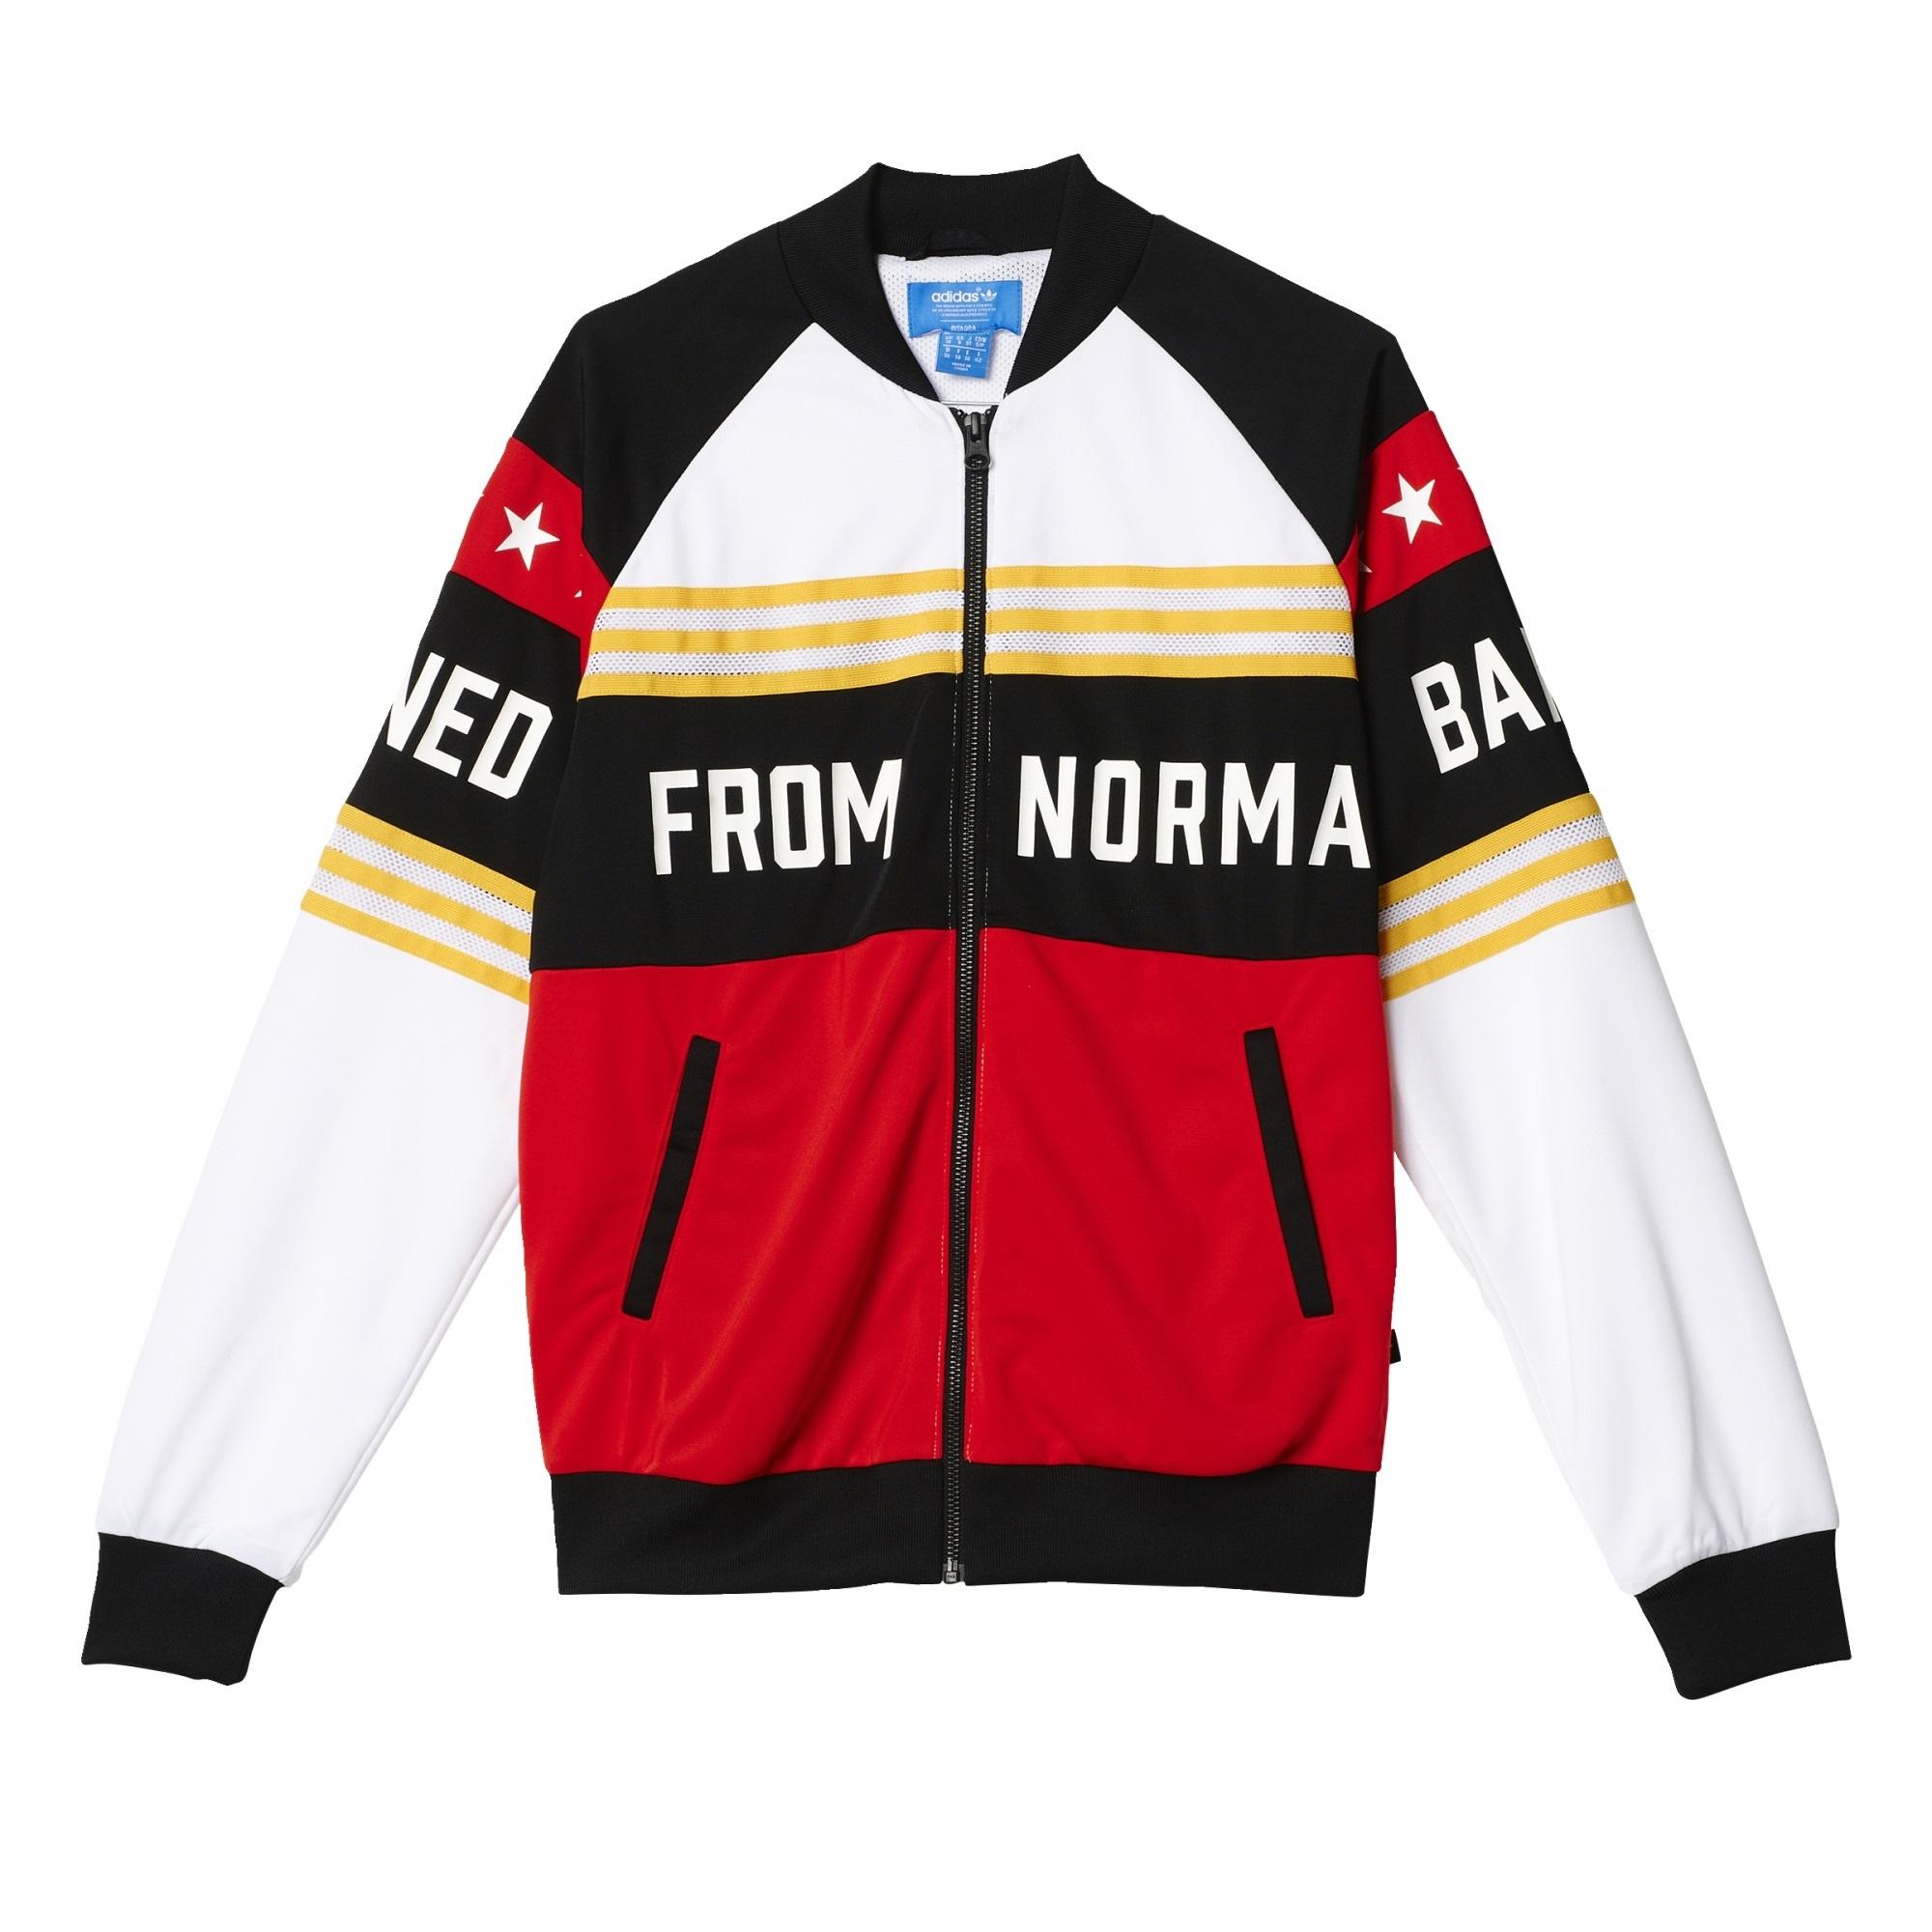 realidad Salón de clases perturbación  Adidas Originals Track Jacket Rita Ora